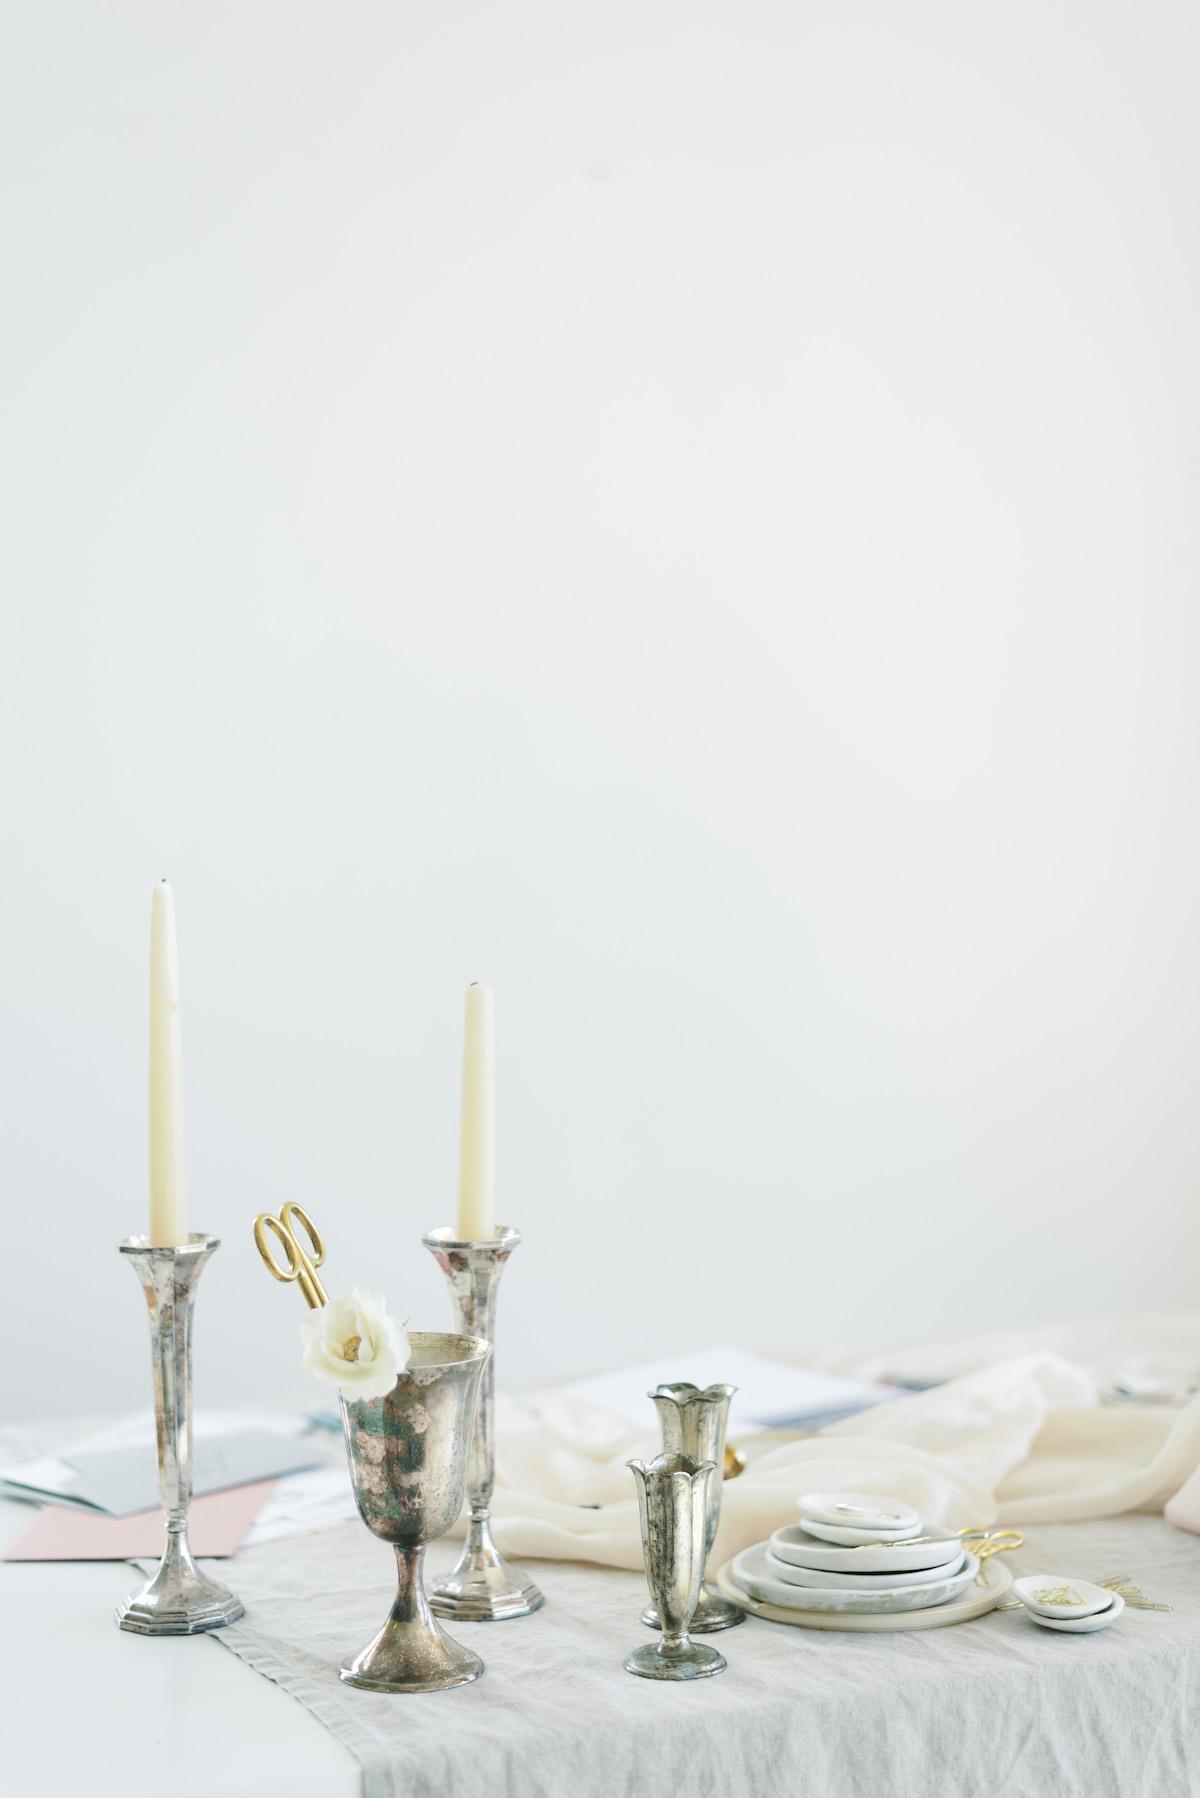 olea-and-fig-blooming-wed-brand-shoot-72.jpg